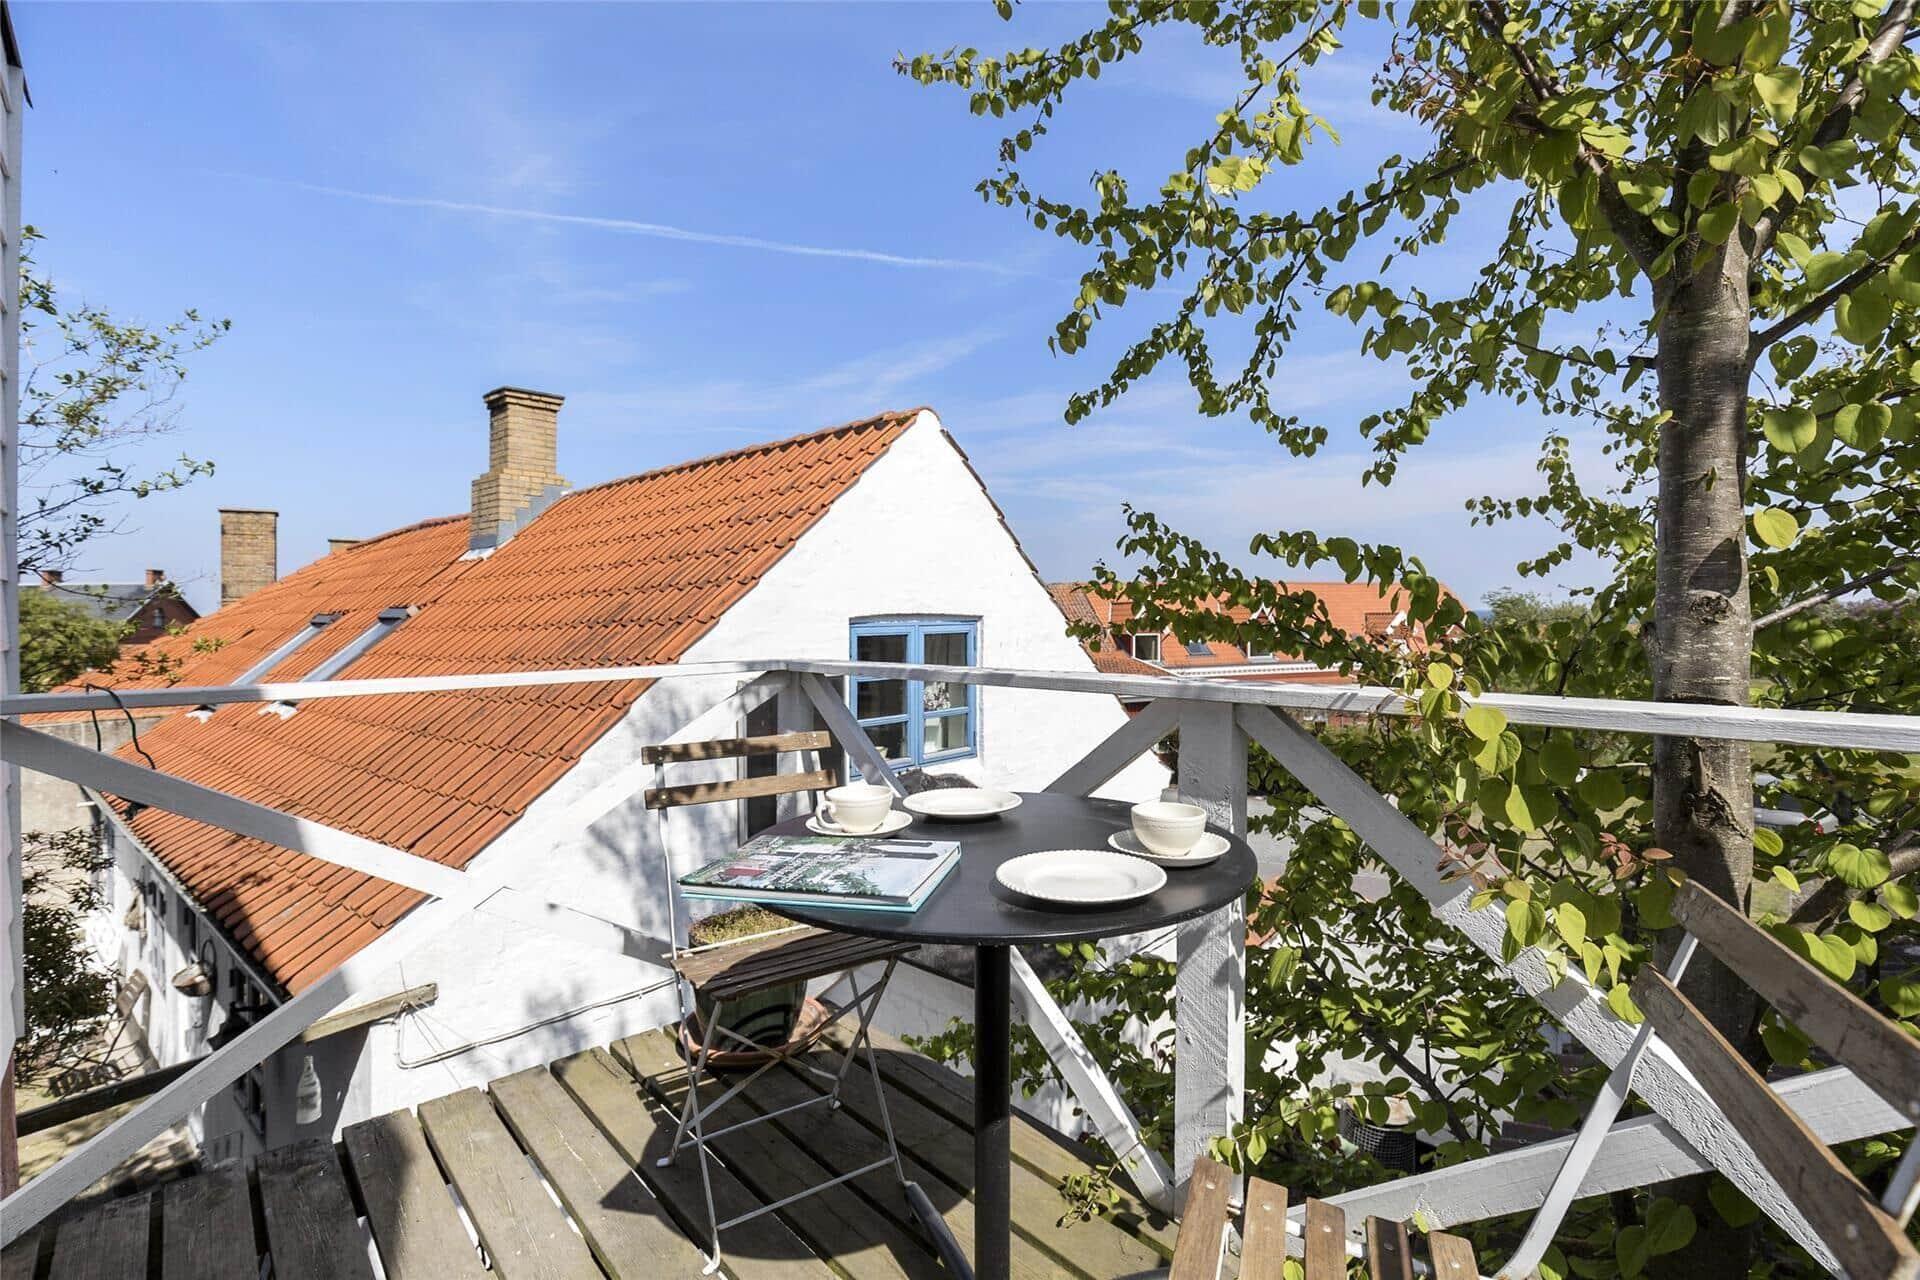 Billede 1-10 Sommerhus 6600, Storegade 18, DK - 3770 Allinge